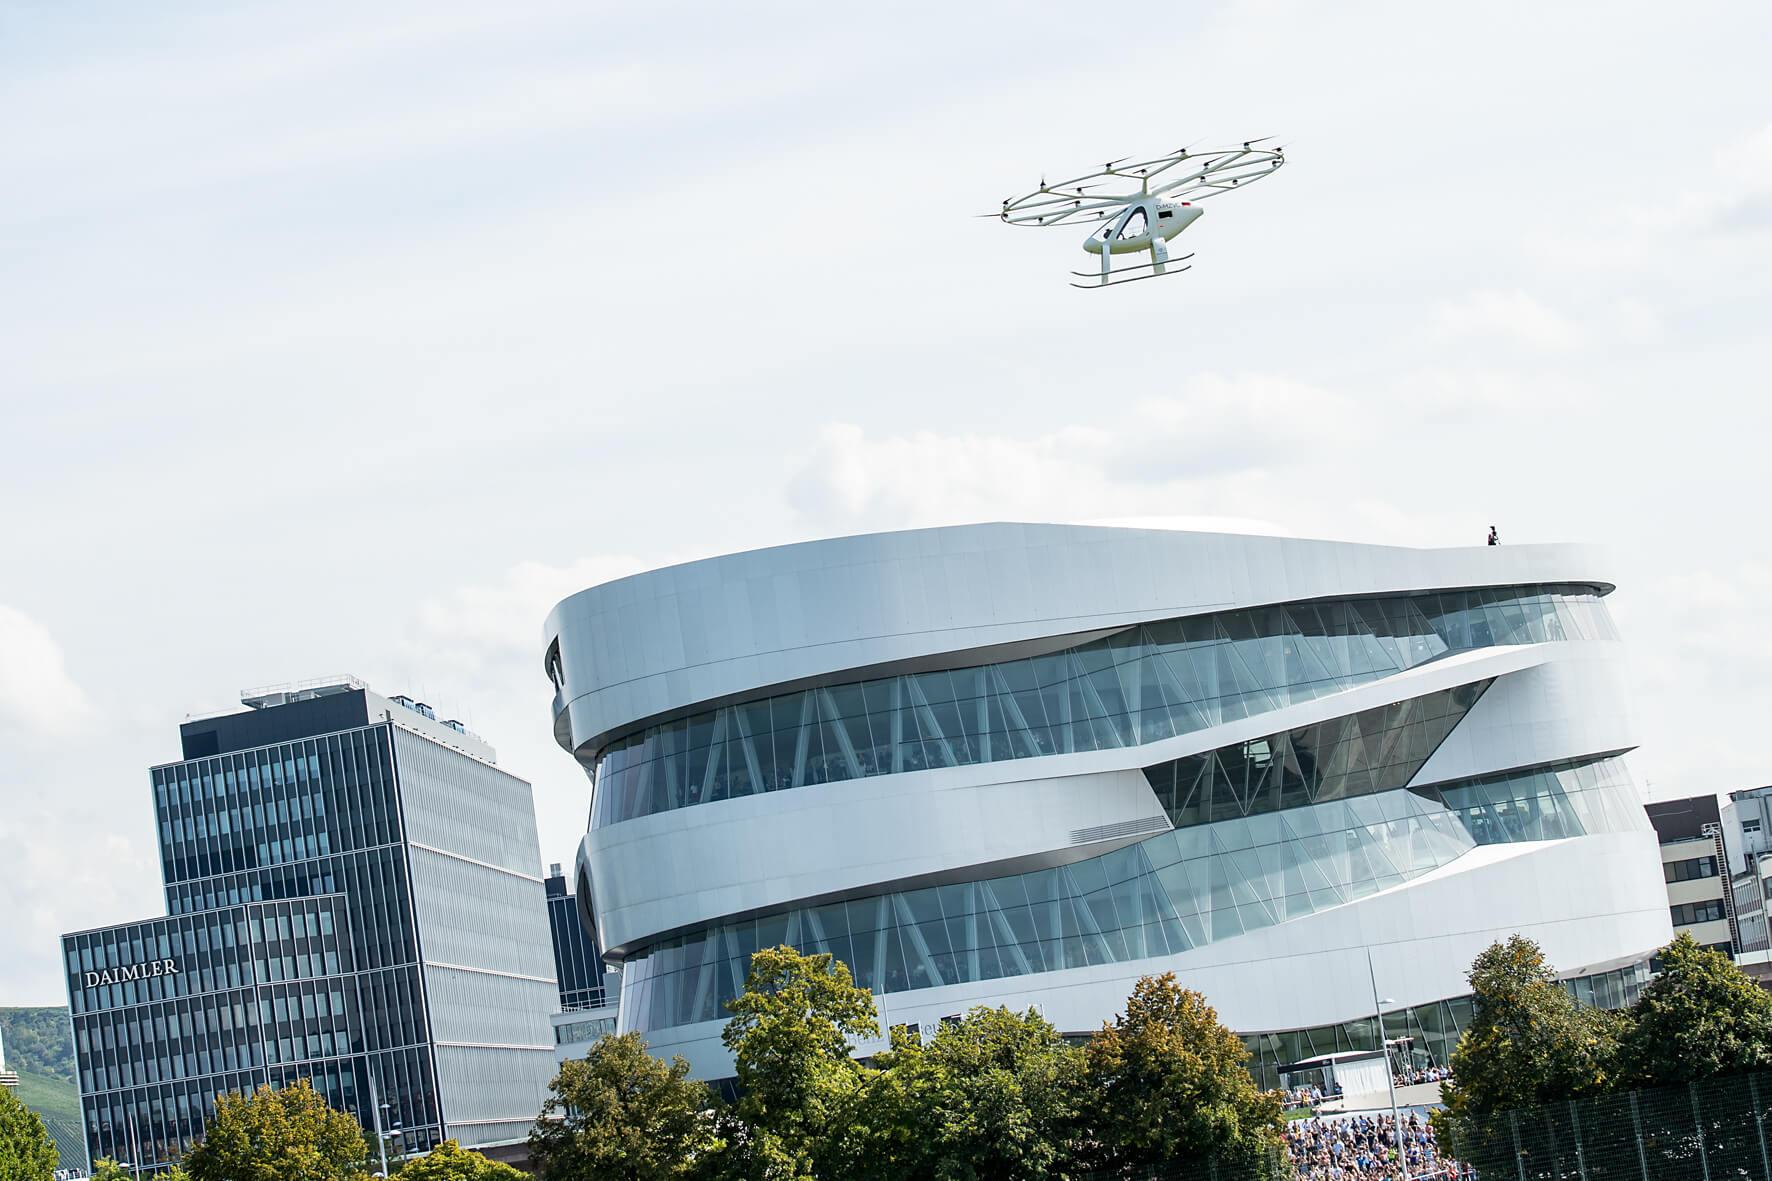 Электрическое воздушное такси Volocopter дебютировало в городских полетах во время презентации в музее Mercedes-Benz в Штутгарте